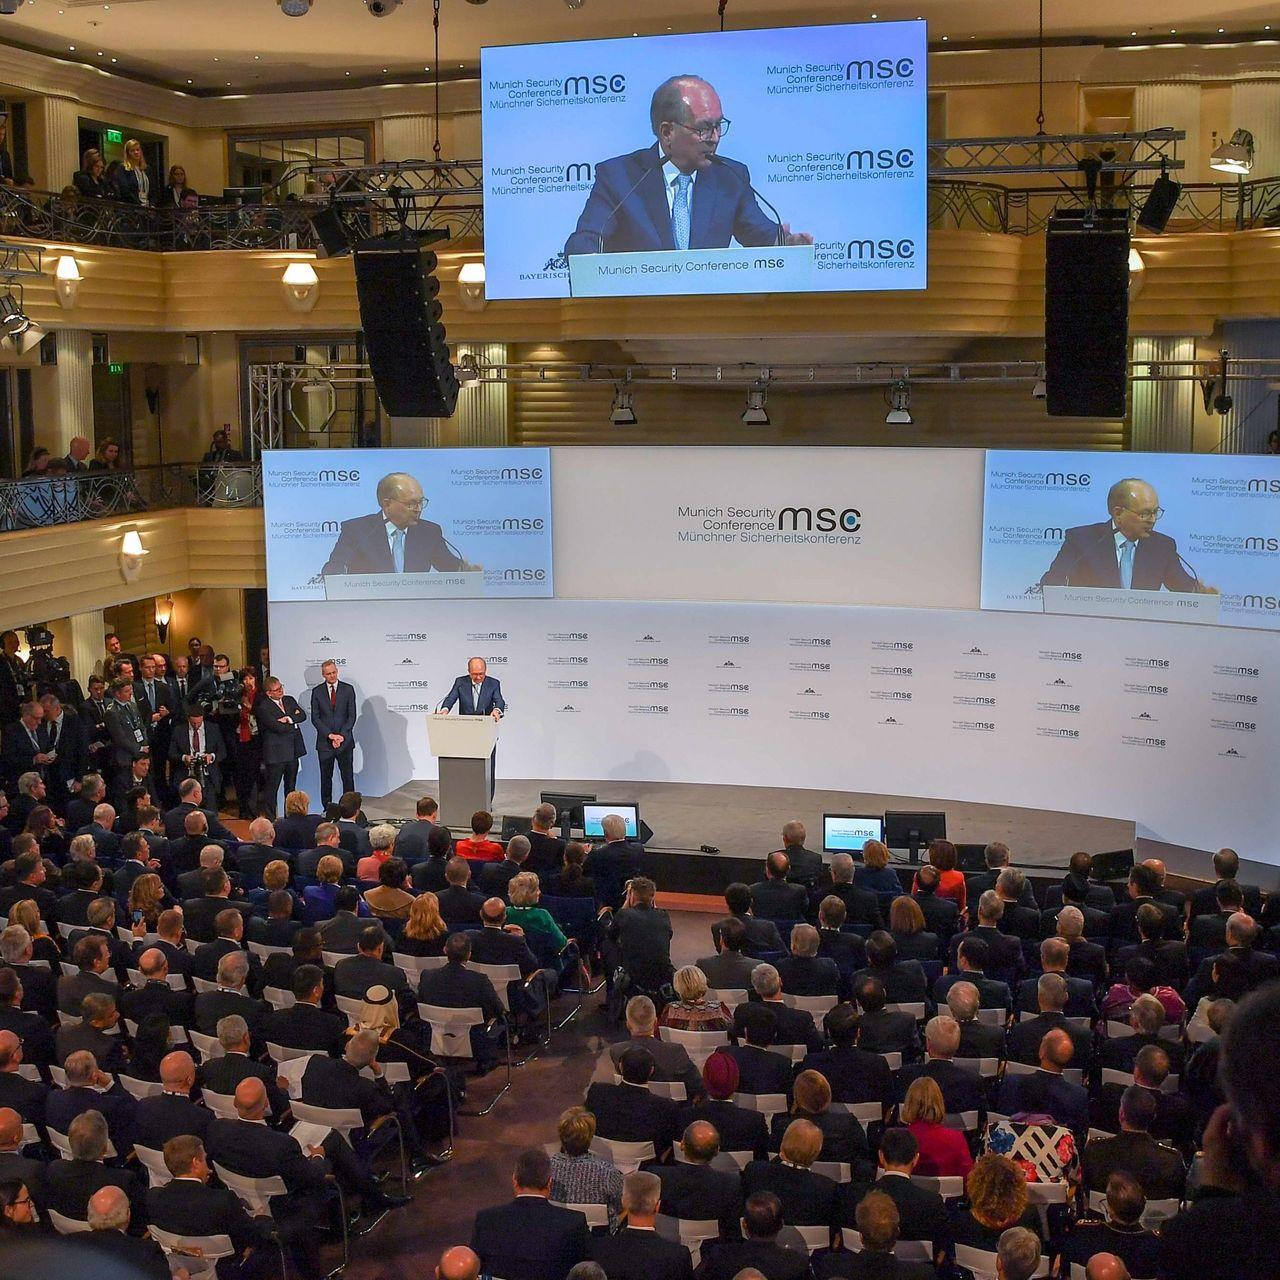 Қасым-Жомарт Тоқаев қауіпсіздік жөніндегі 56-шы Мюнхен конференциясының ресми ашылу рәсіміне қатысты